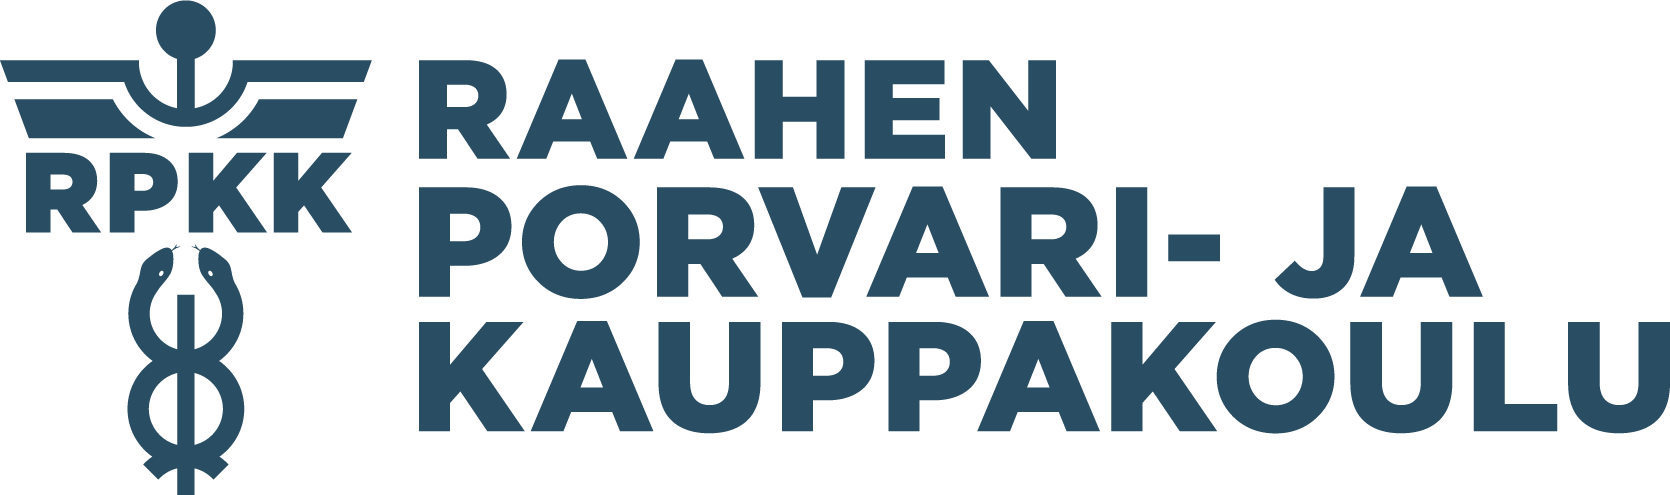 Raahen Porvari- ja Kauppakoulu Logo